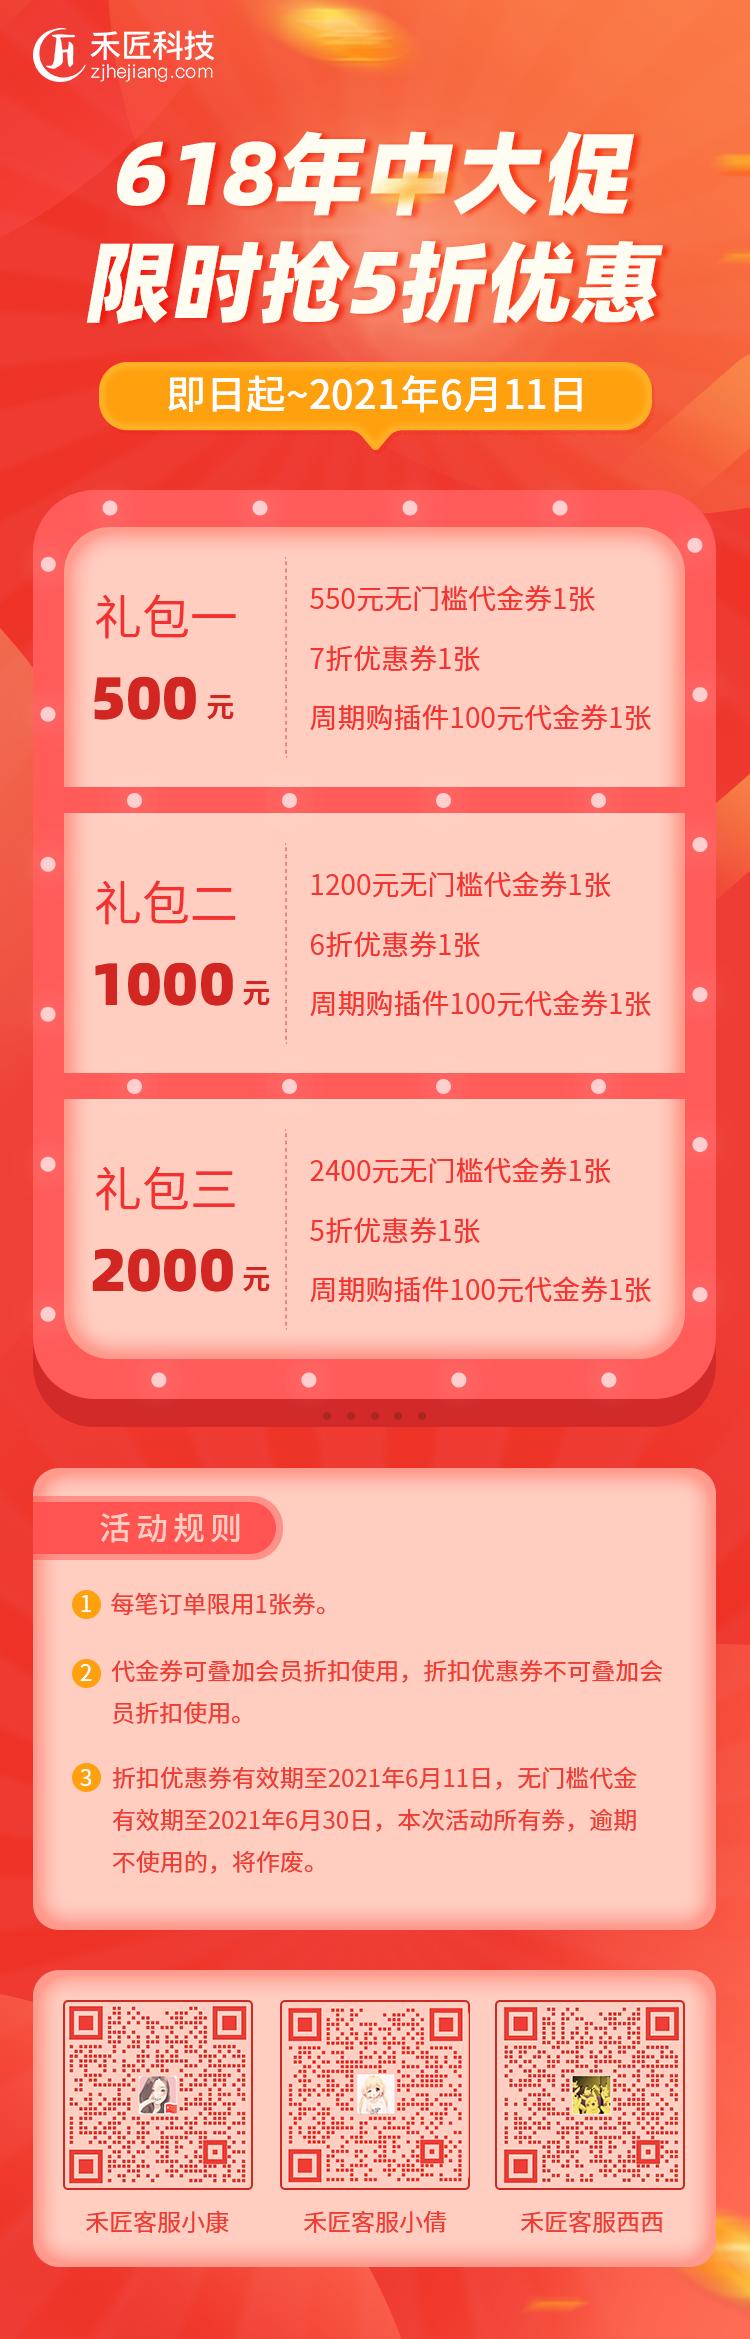 618促销(2).png